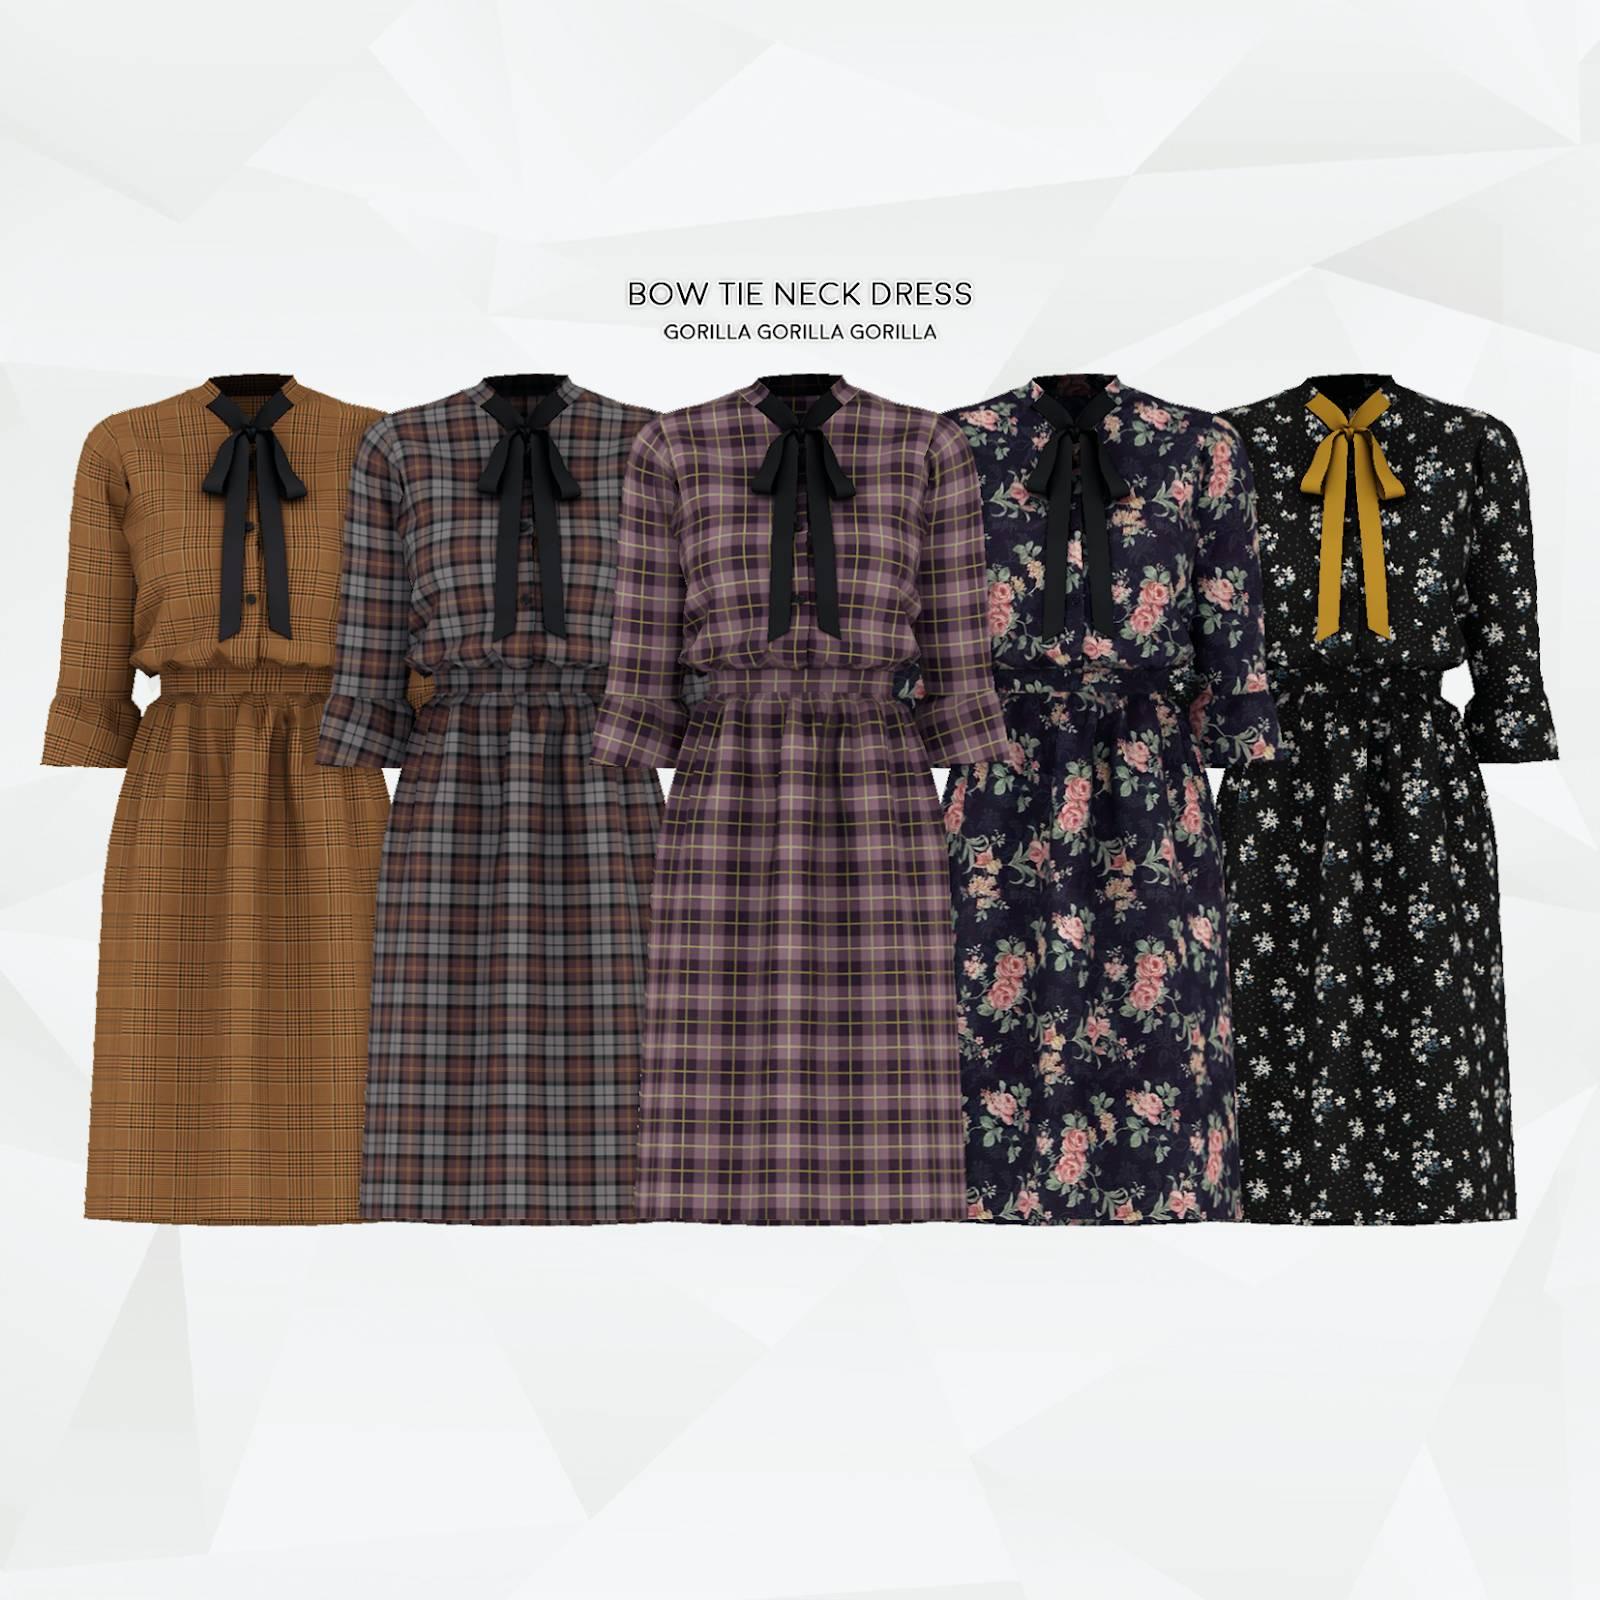 Платье - Bow Tie Neck Dress